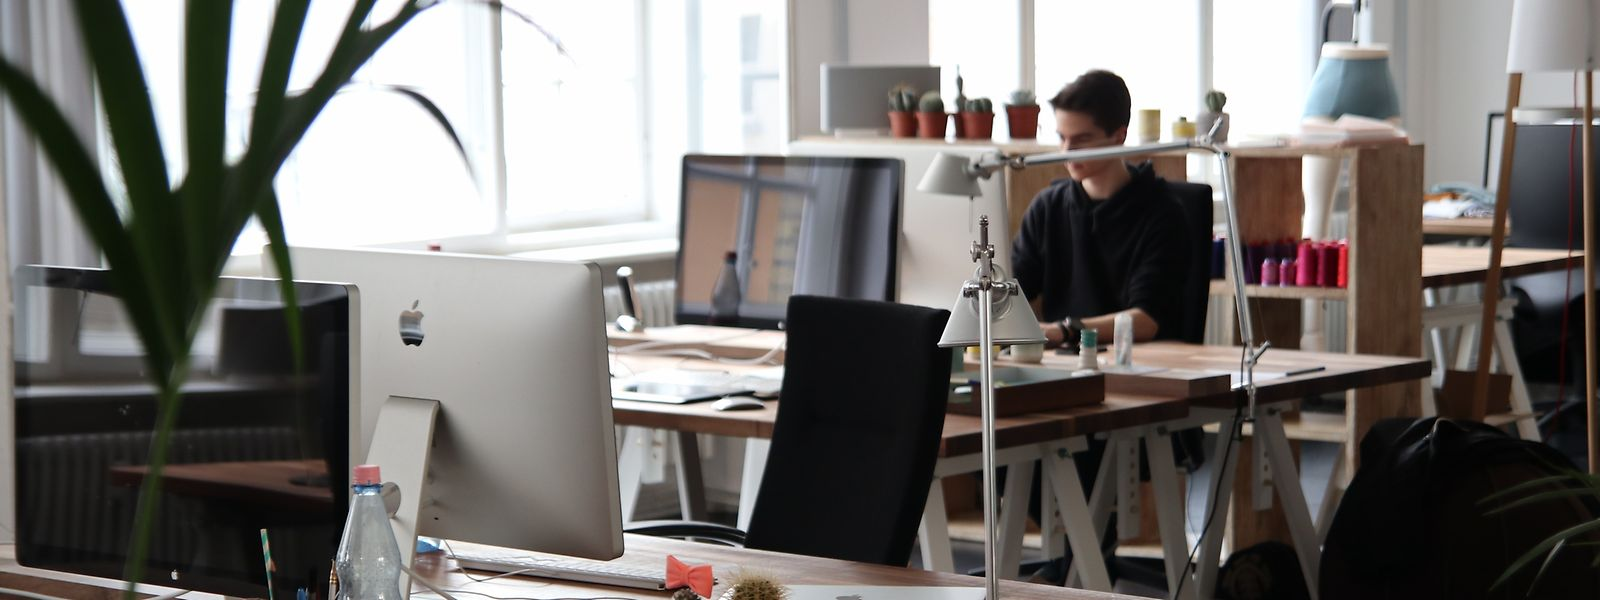 """Leben im Büro: Platz für Zwischenmenschliches am Arbeitsplatz soll in Zukunft eine noch wichtigere Rolle spielen – das spiegelt sich in einem Projekt von """"M3 Architectes"""" wider."""